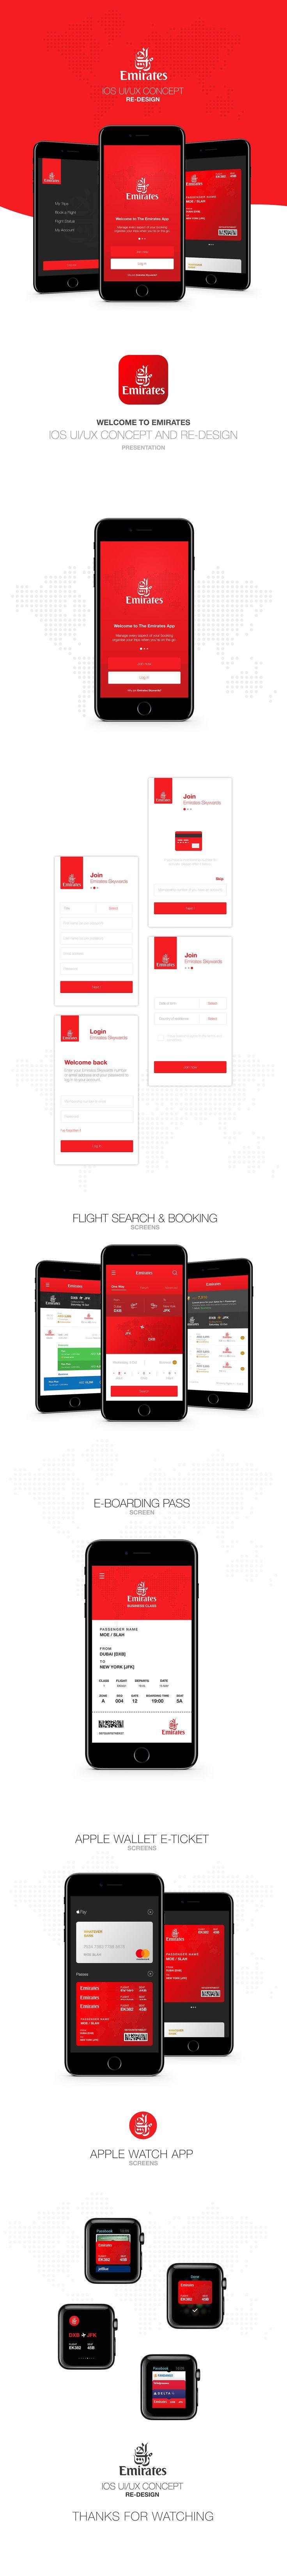 Emirates iOS app UI/UX Concept Design http://moes.io/emirates